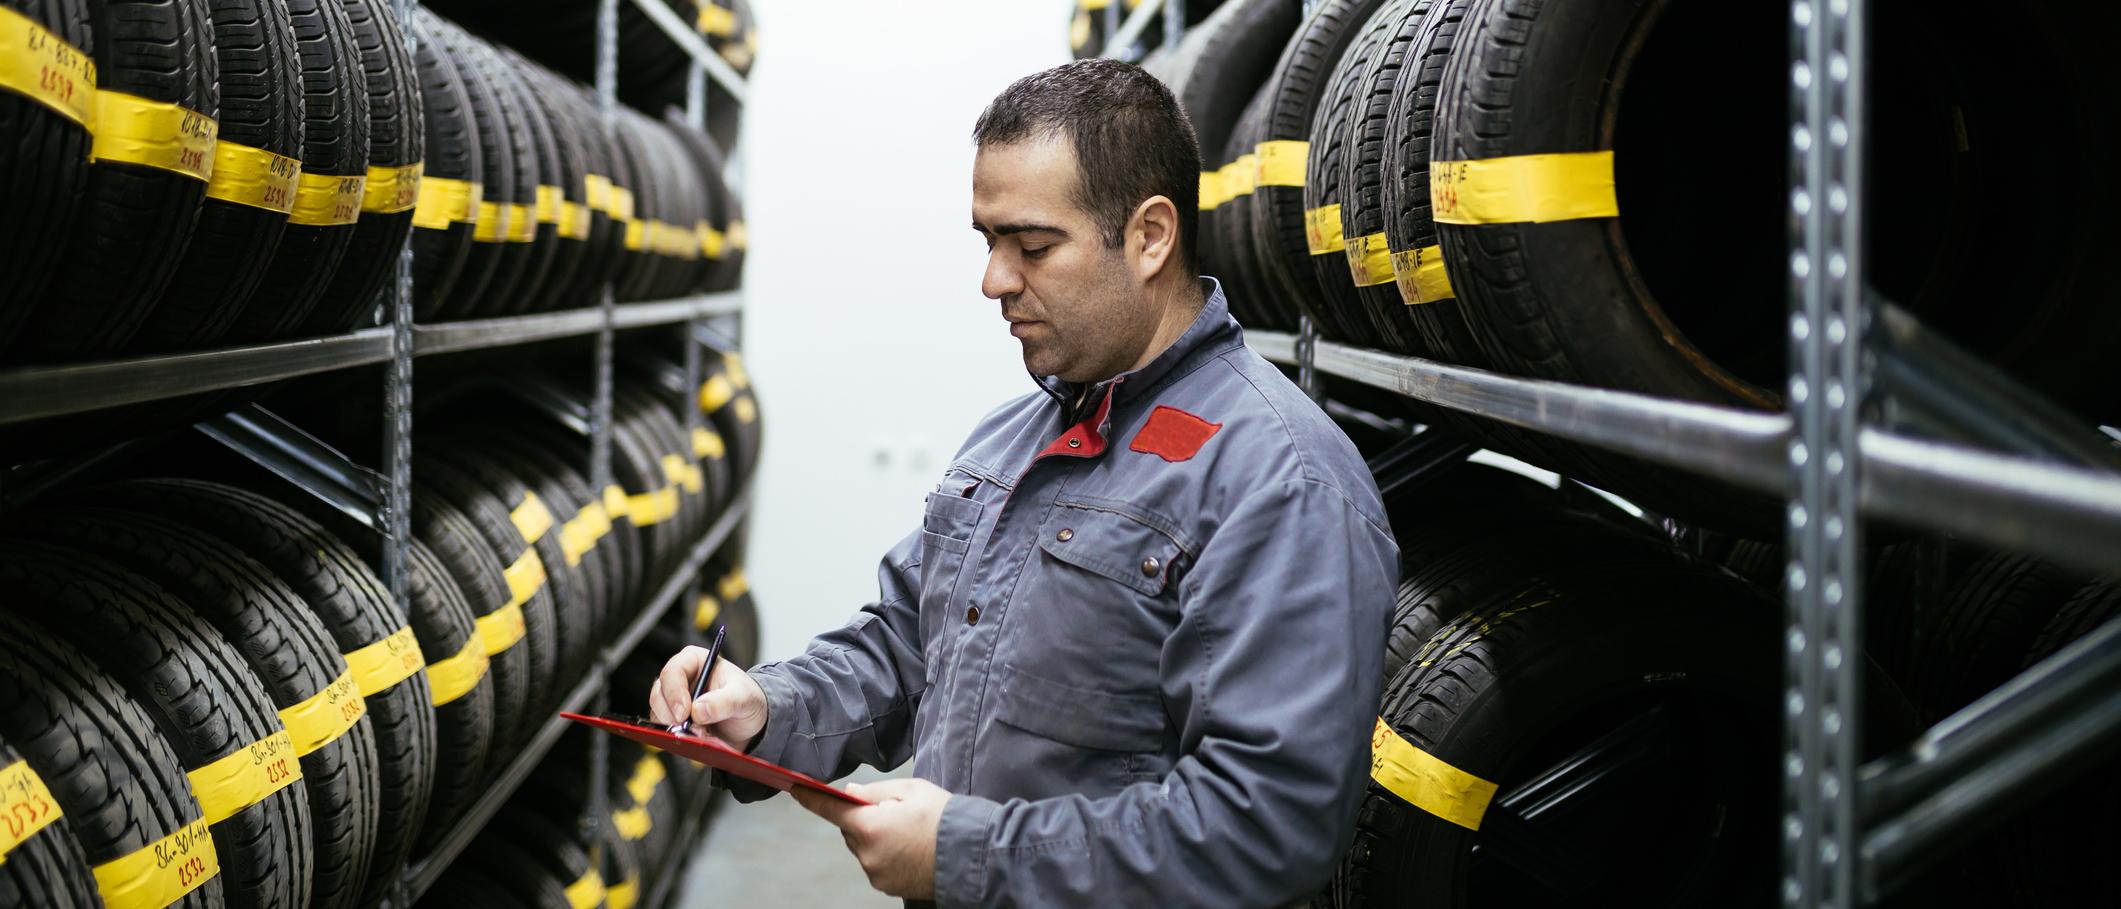 Photo d'un mécanicien automobile vérifiant si les pneus sont entreposés de façon sécuritaire dans un entrepôt.